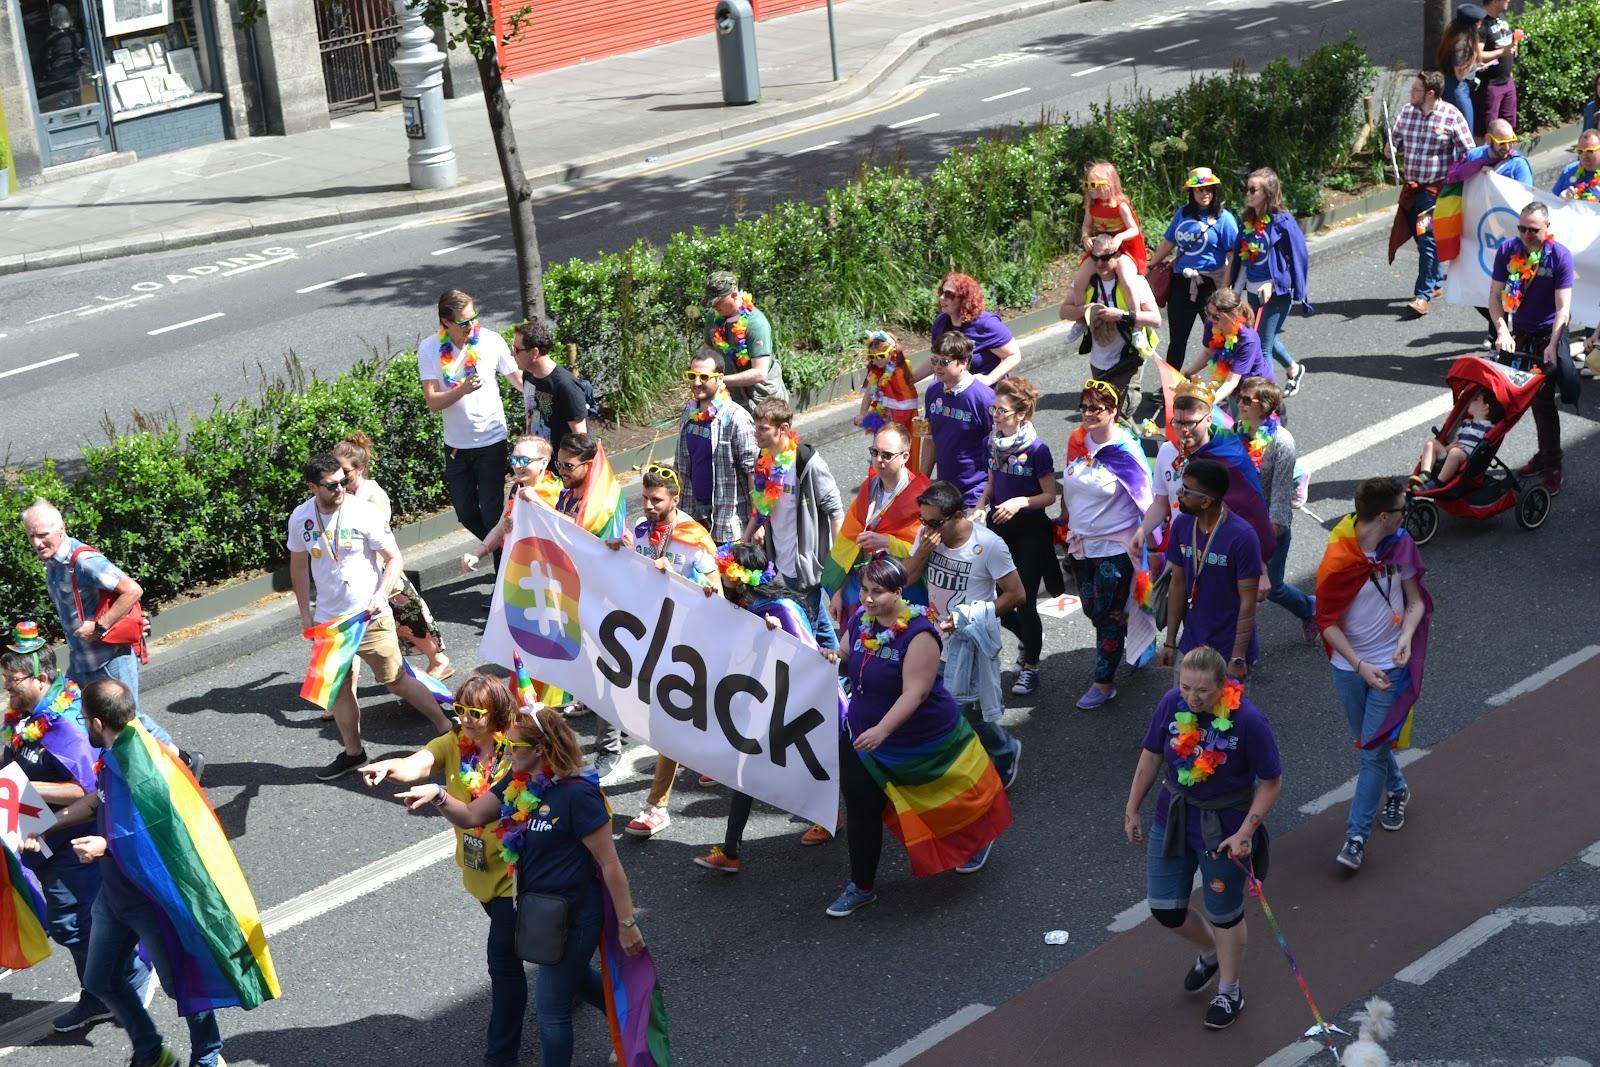 Slack in Dublin Pride 2017